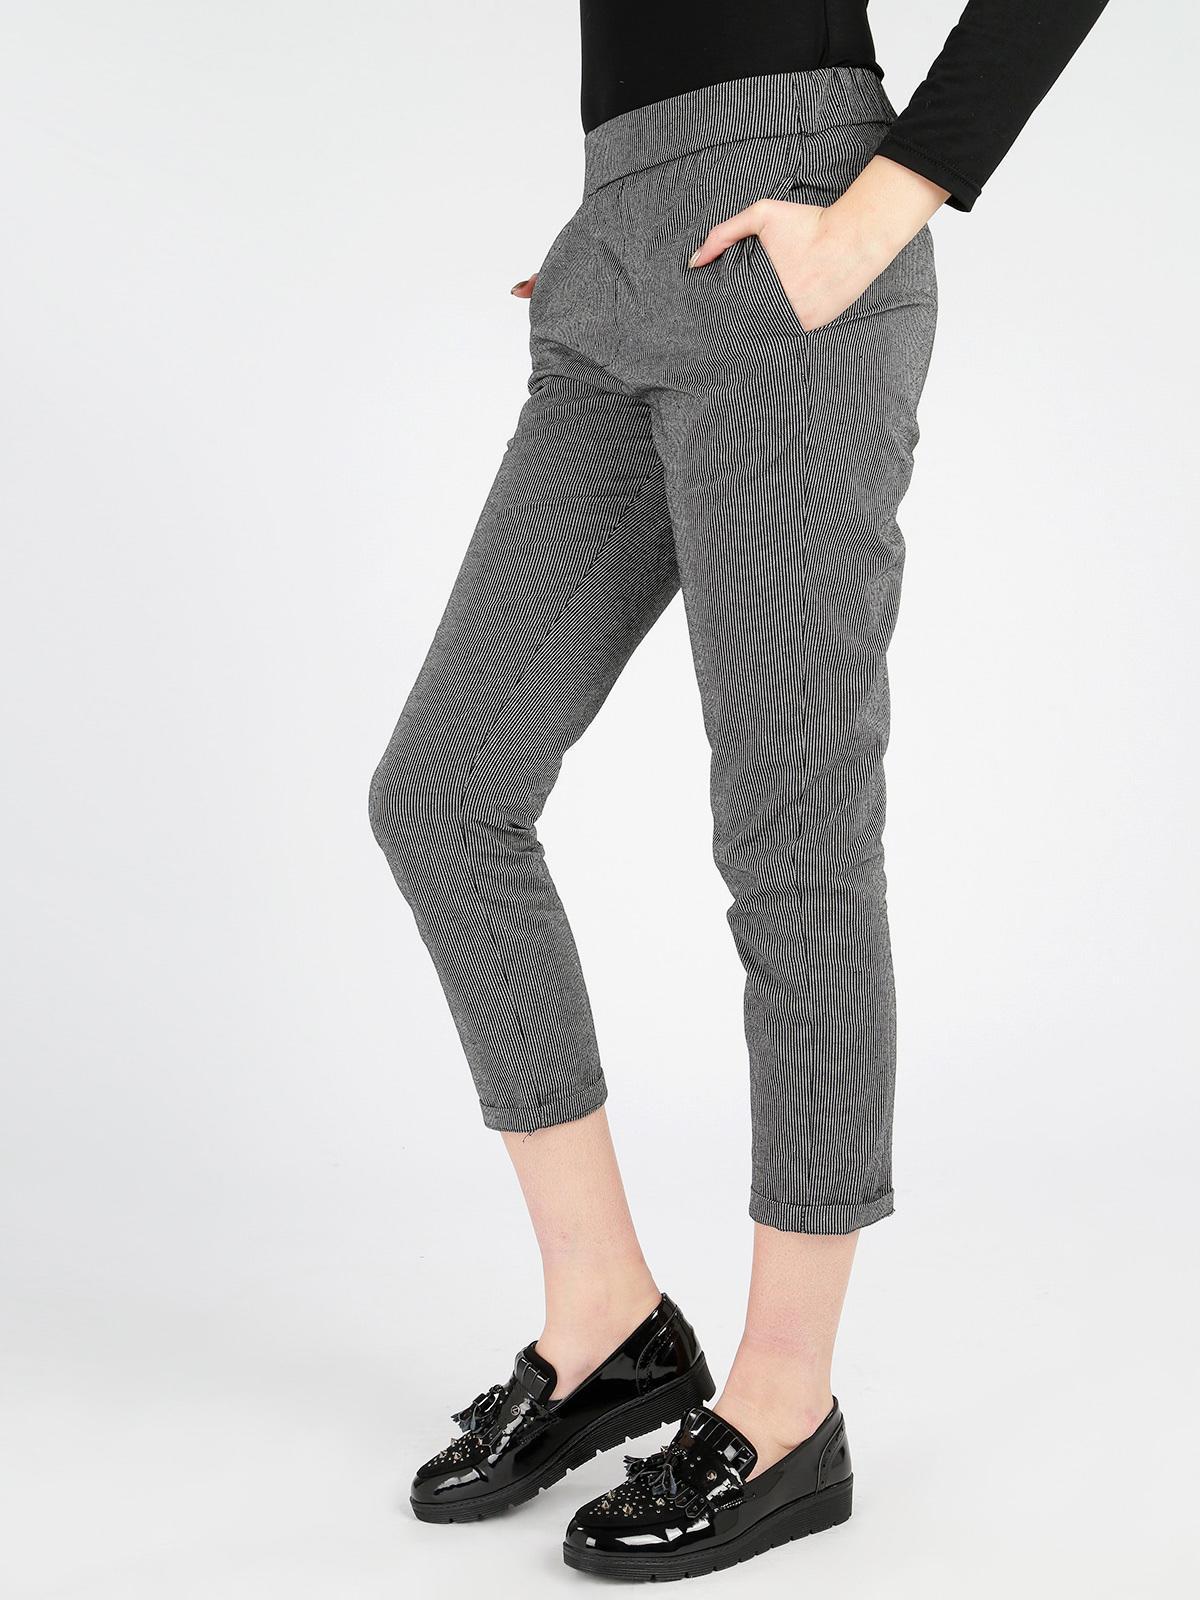 Pantalones A Rayas Mujer Mecshopping